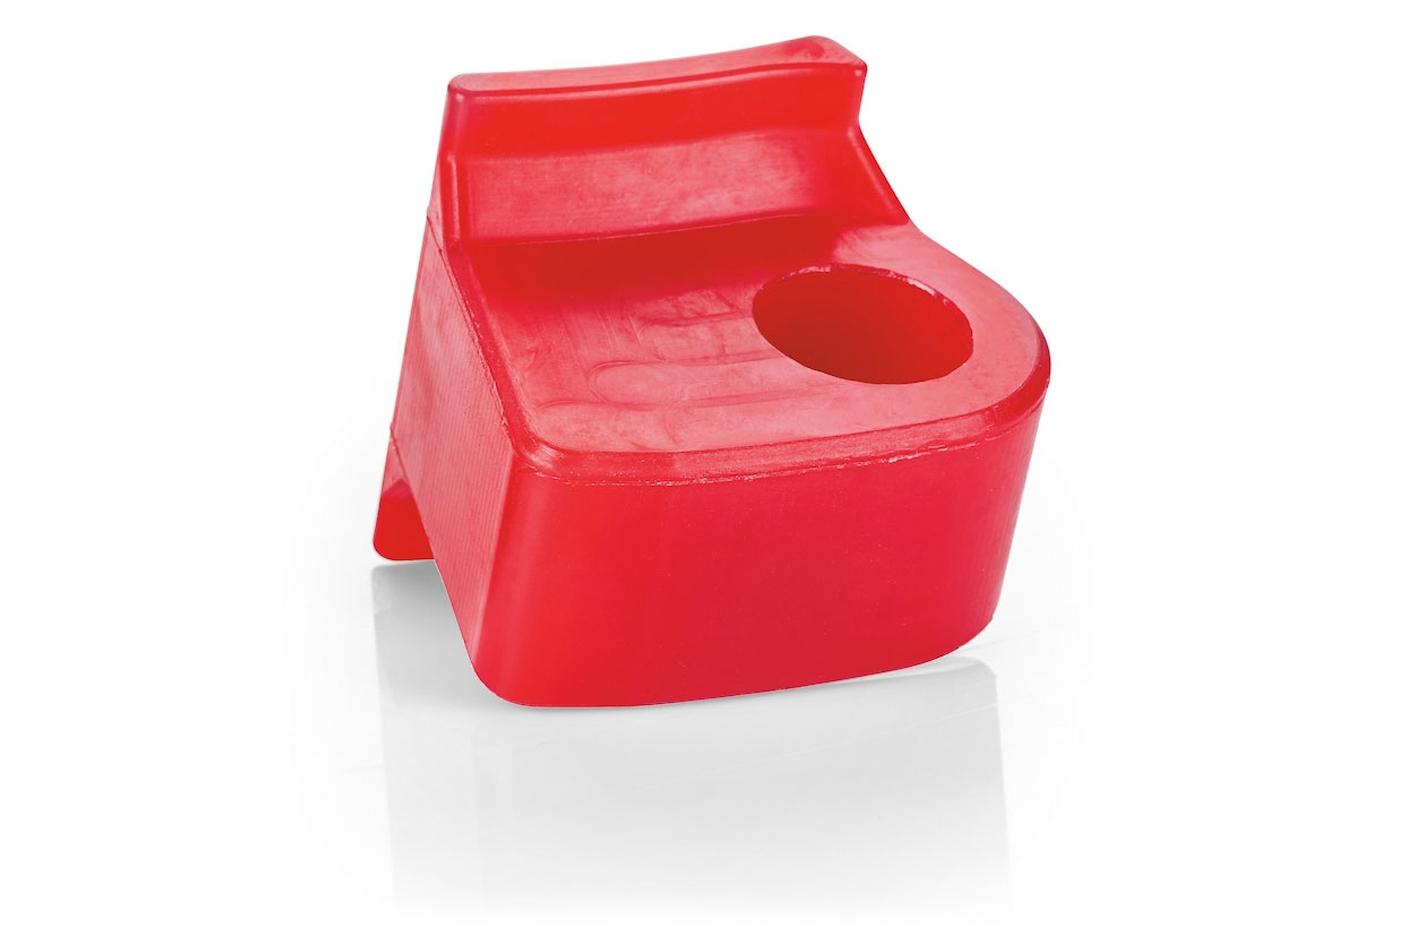 Isolator For Hyperlink Red Pair